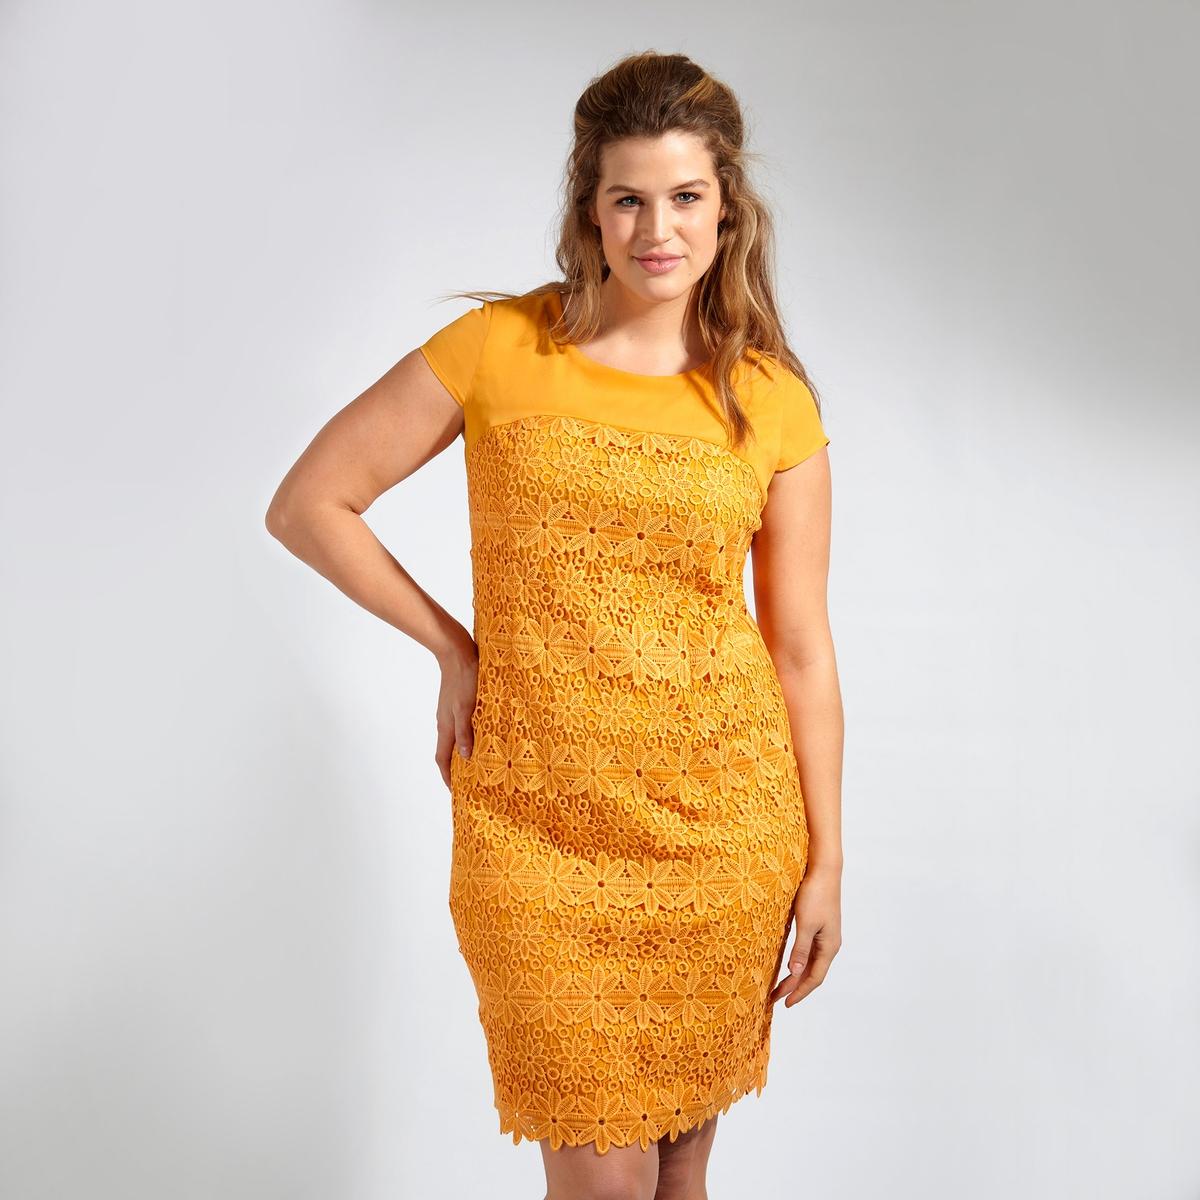 ПлатьеПлатье с короткими рукавами KOKO BY KOKO. Красивое платье из кружева . Круглый вырез. 100% полиэстер<br><br>Цвет: горчичный<br>Размер: 48 (FR) - 54 (RUS)